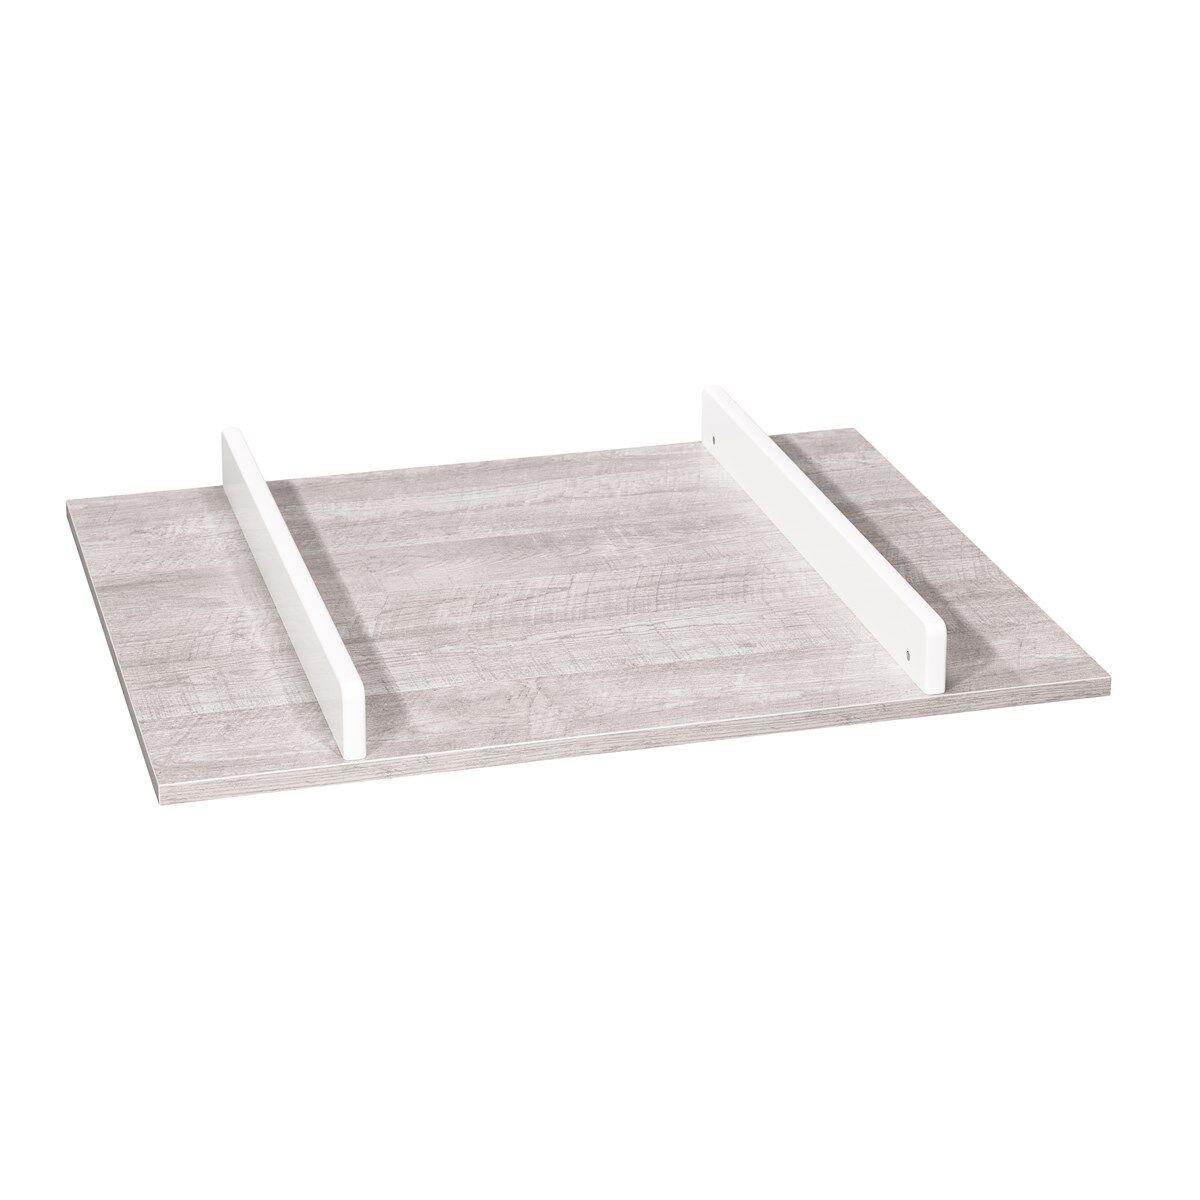 Sauthon Plan à langer en bois gris